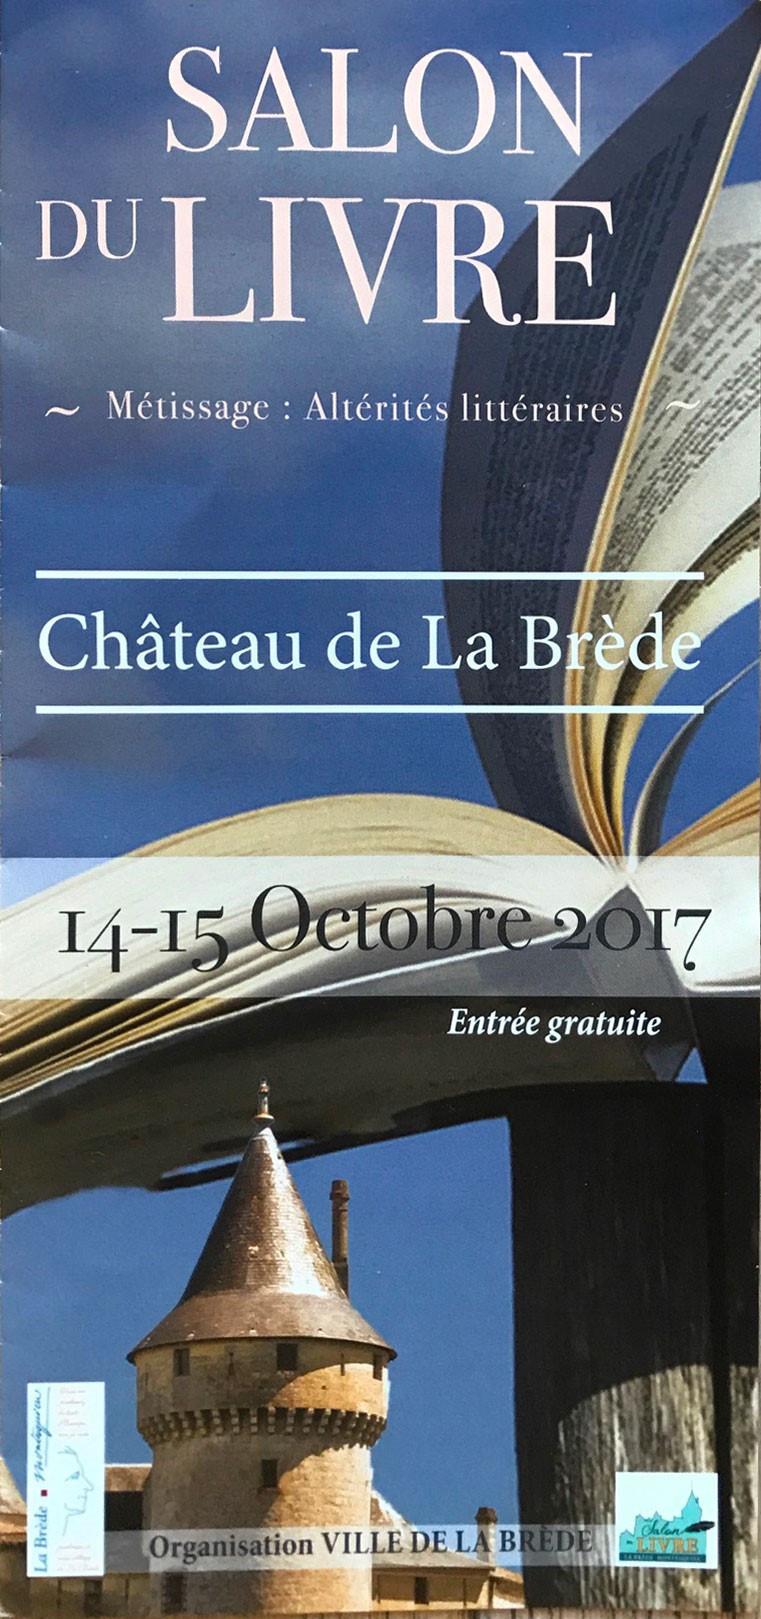 Expo les 14 et 15 octobre 2017 au salon du livre de La Brede. Venez nombreux découvrir ce lieu formidable ainsi que mon travail!